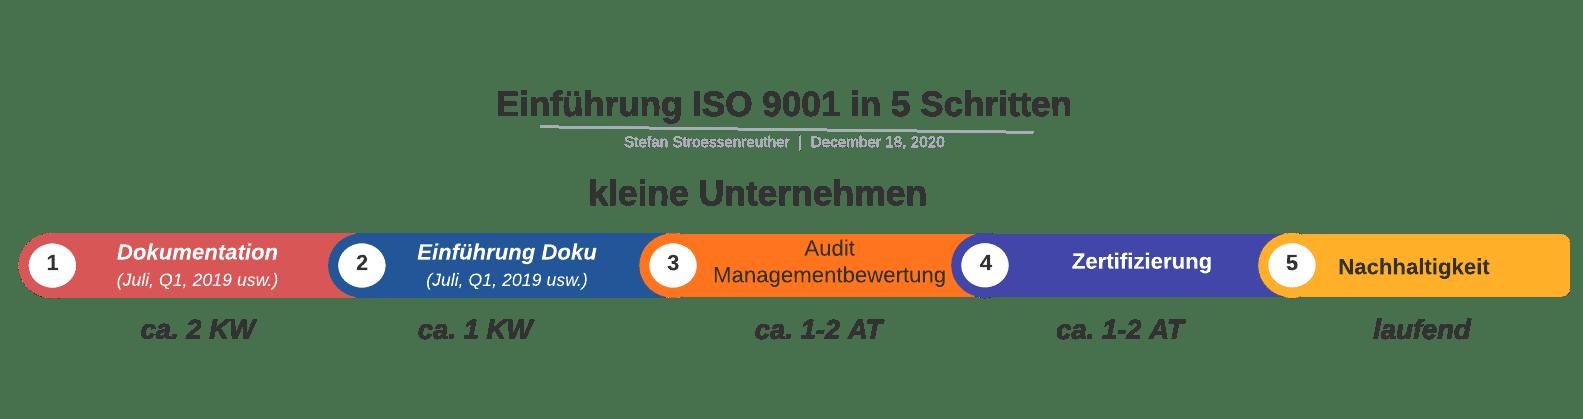 Einführung ISO 9001 in 5 Schritten | SMCT-MANAGEMENT